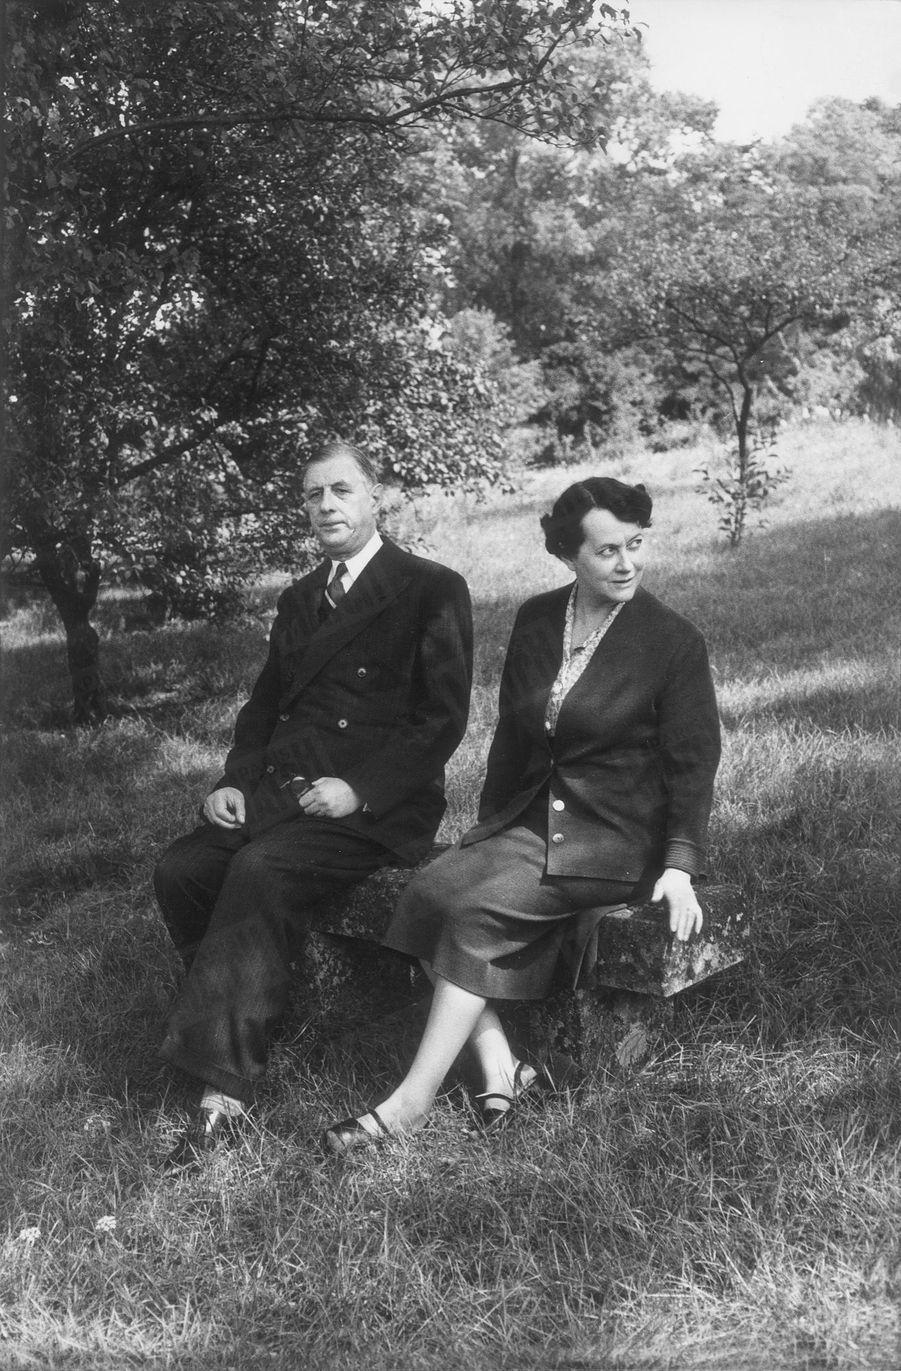 « Le général et sa femme ne se séparent jamais. Lorsque de Gaulle toutes les semaines monte dans sa 15 CV pour se rendre à Paris, elle l'accompagne. » - Paris Match n°288, 2 octobre 1954